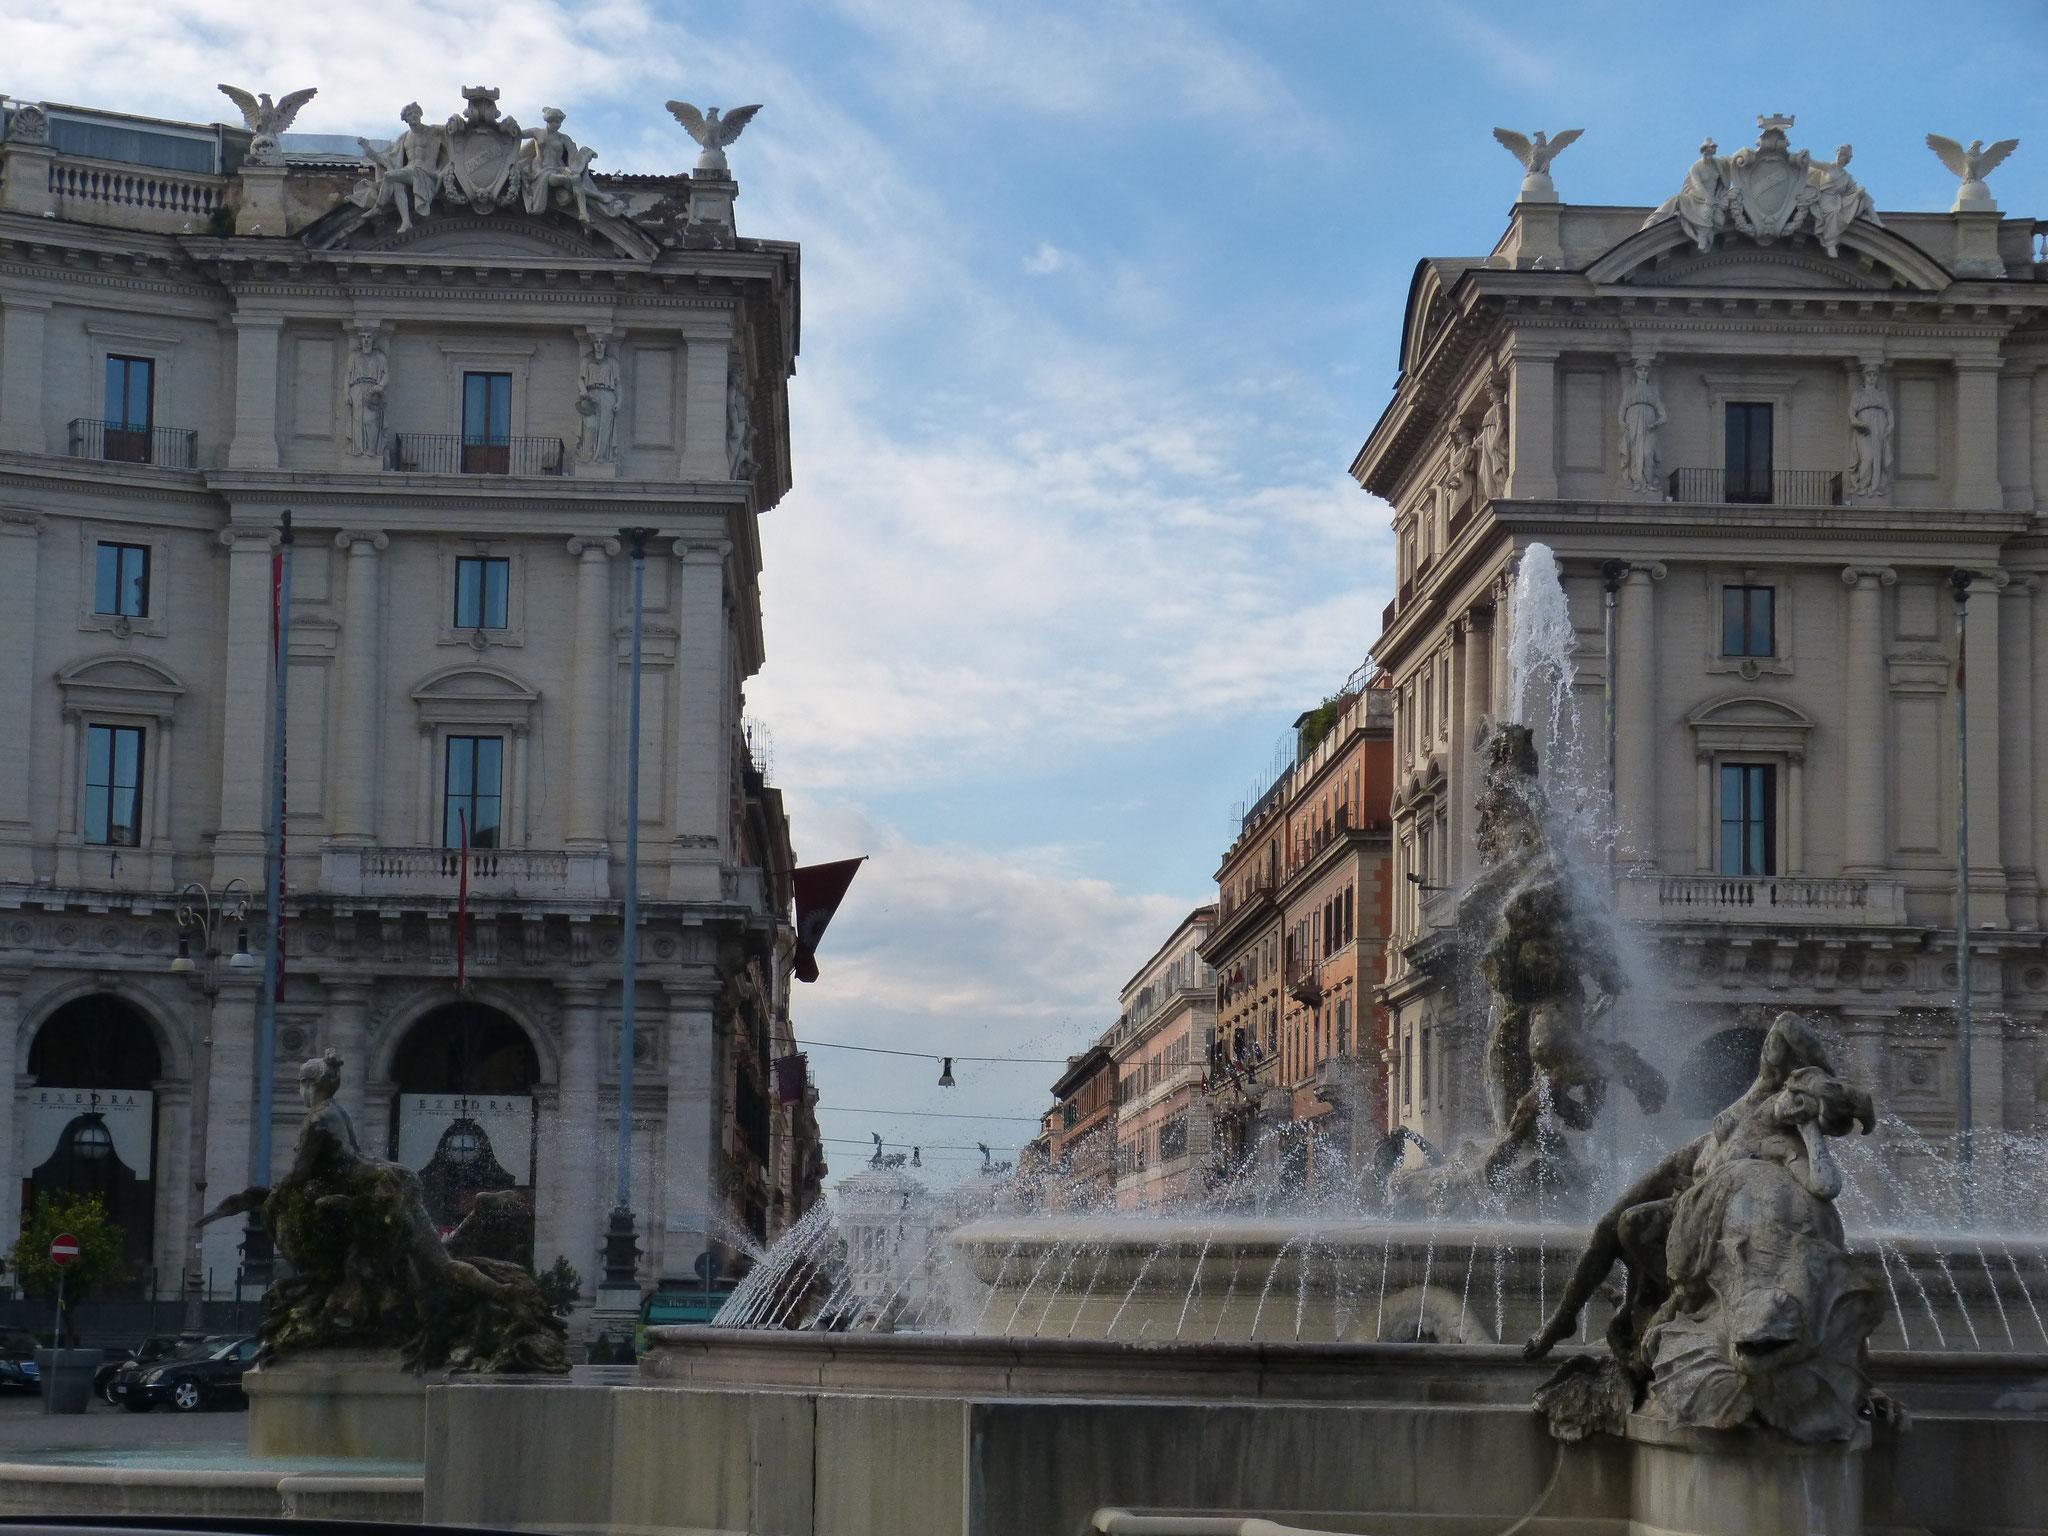 Über die Piazza della Repubblica geht es wieder zurück auf die Via Nazionale.